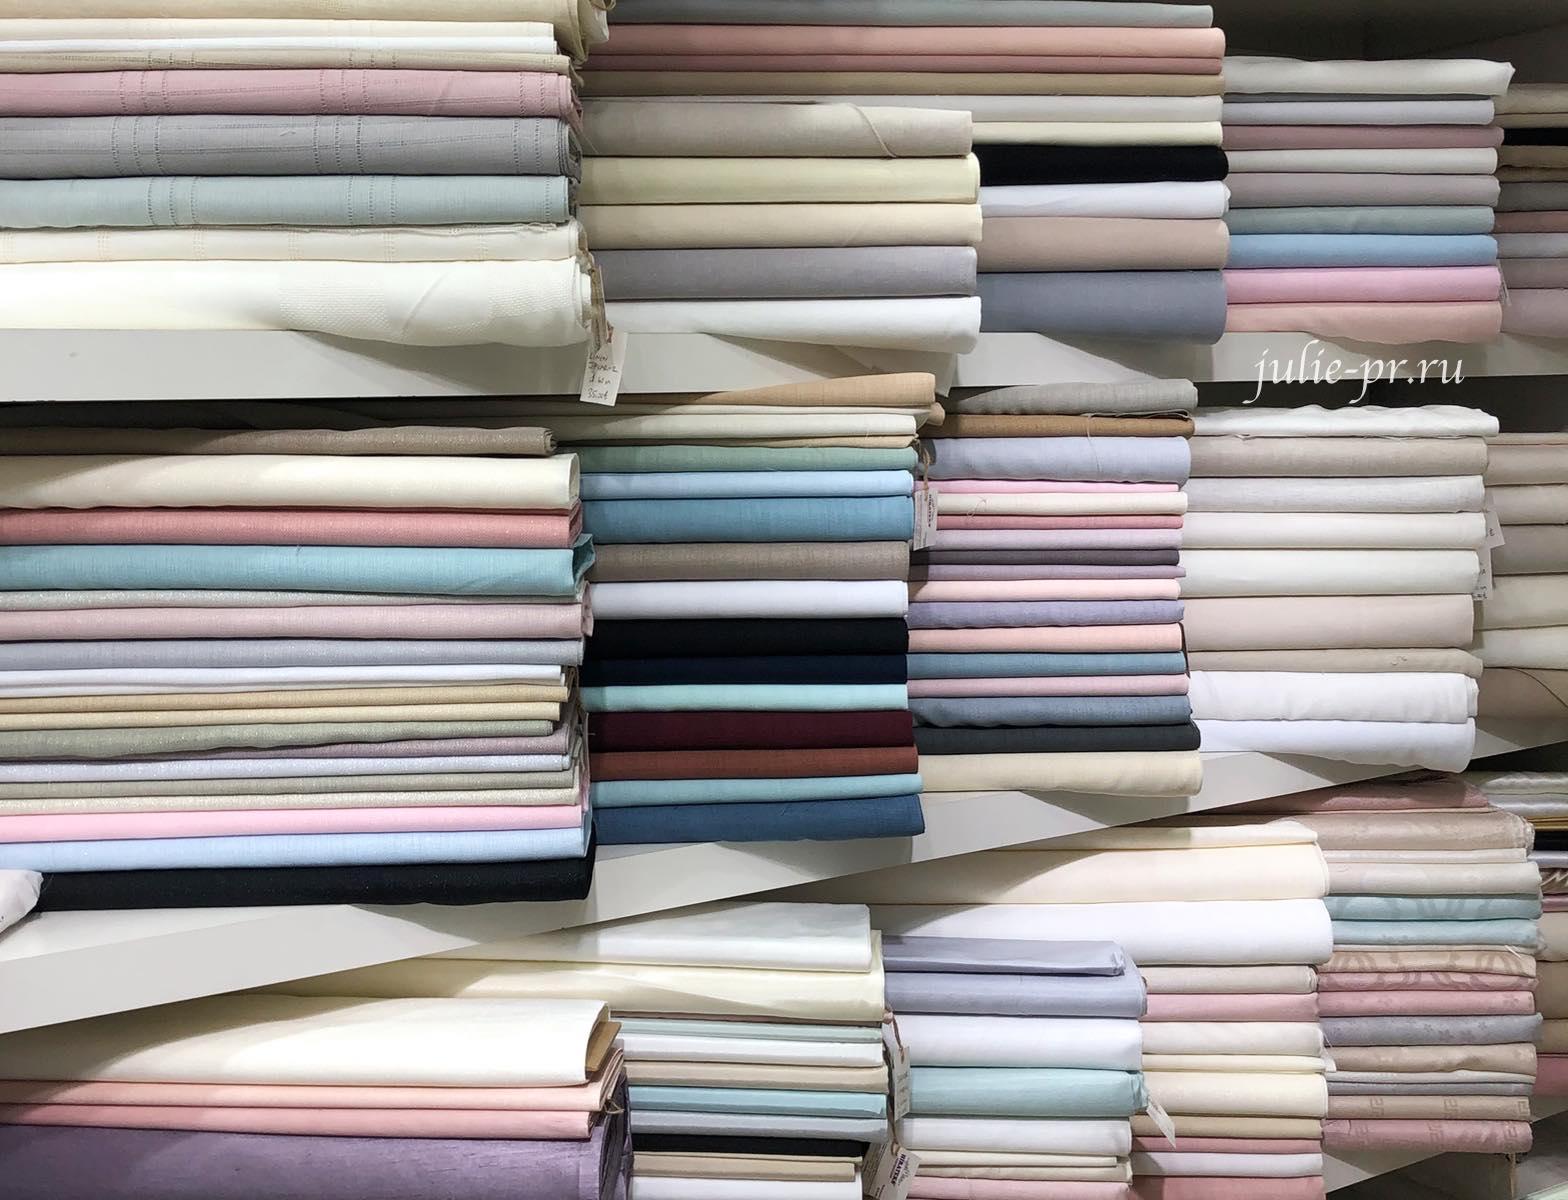 Турецкая равномерка, вышивка крестом, Стамбул, вышивка, рукодельный магазин, Hira teks, hobby & dantel, Eminonu